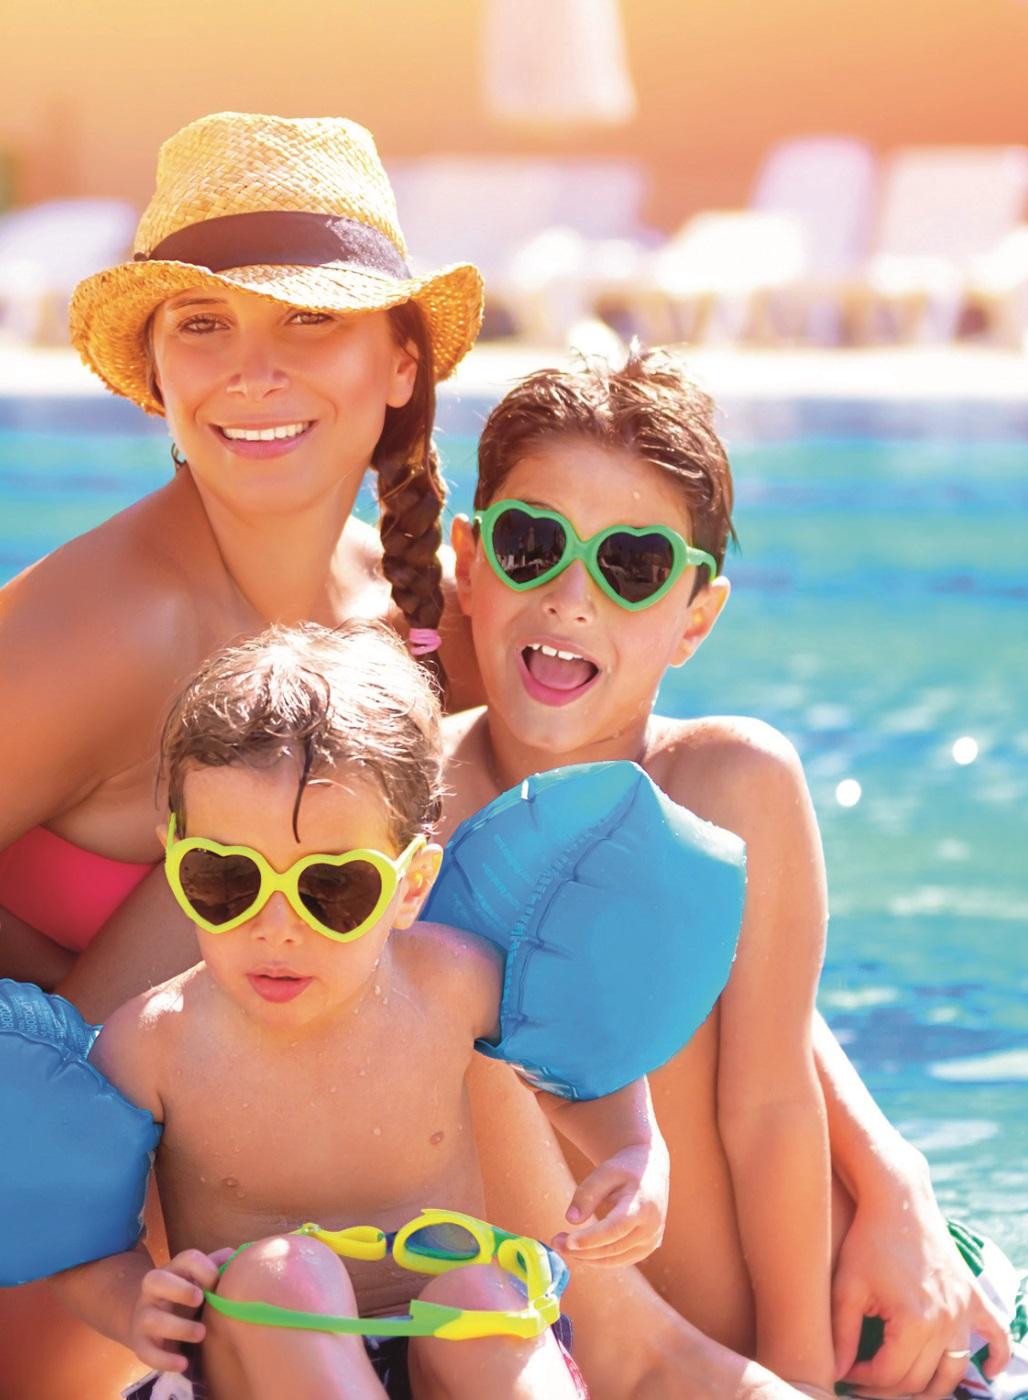 Familie mit Sonnenbrillen am Strand.